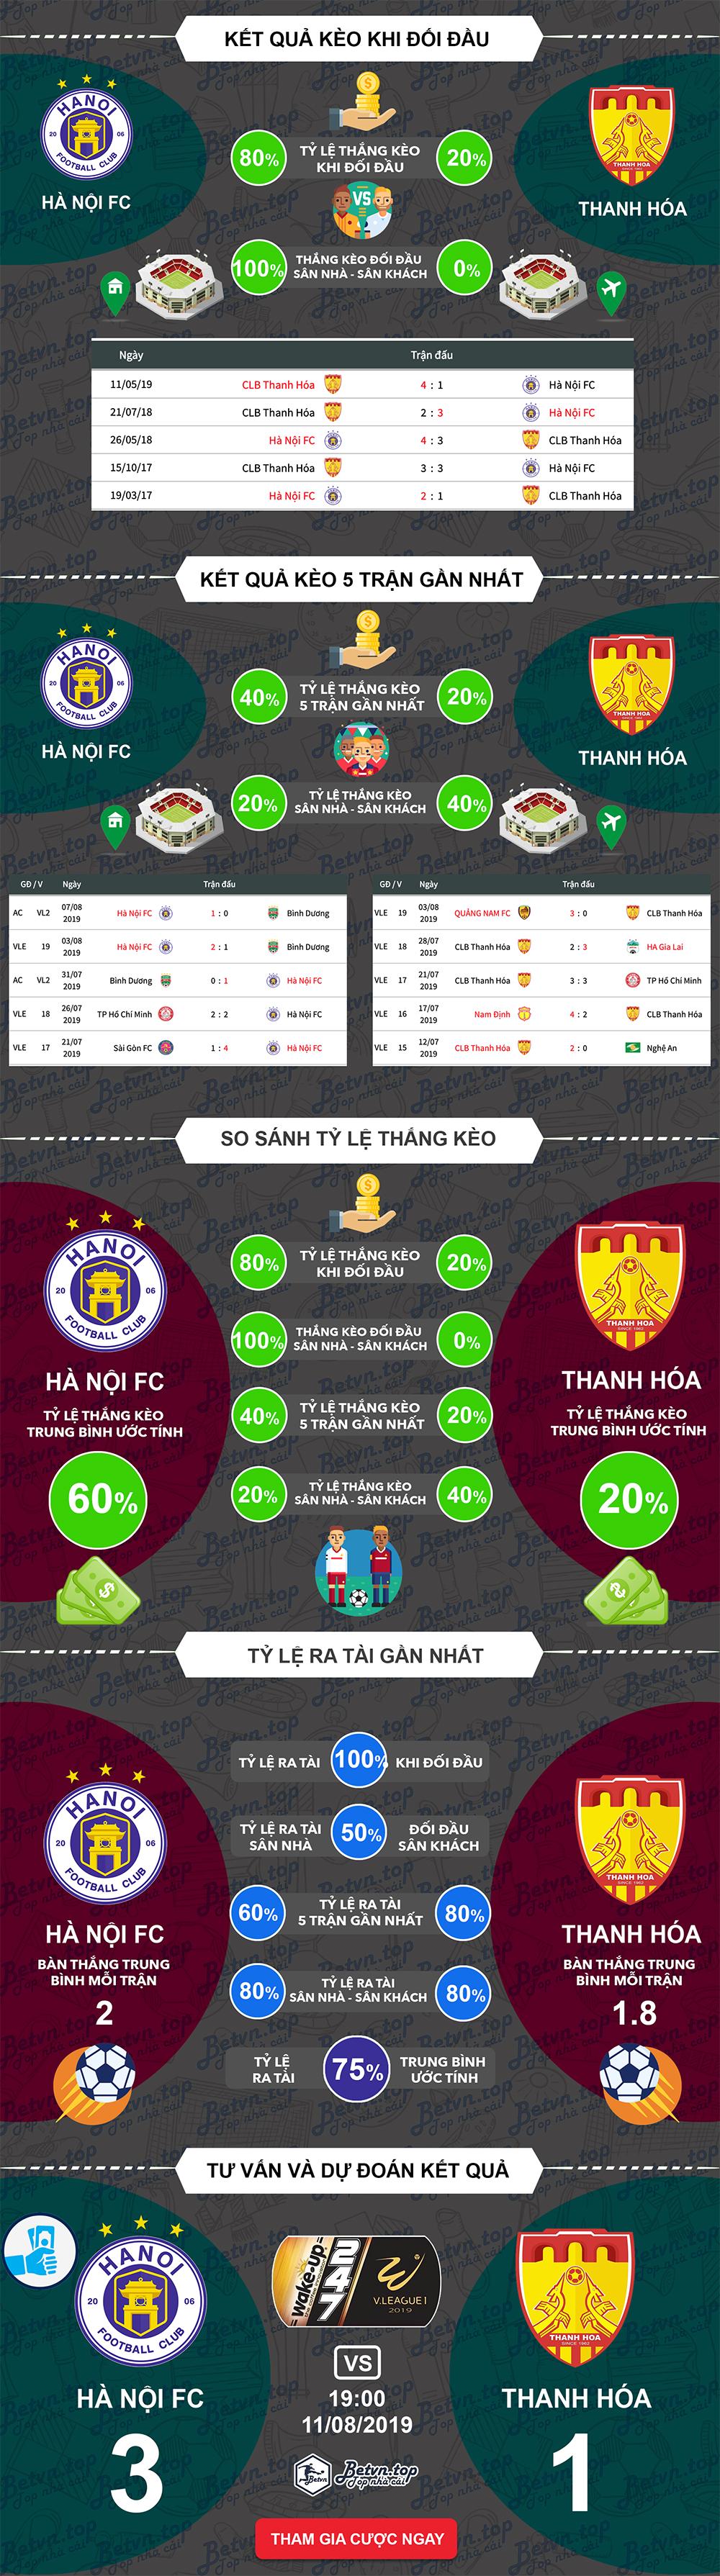 Phân tích tỷ lệ thắng kèo Hà Nội vs Thanh Hóa, 19h ngày 11/08/2019 V-League